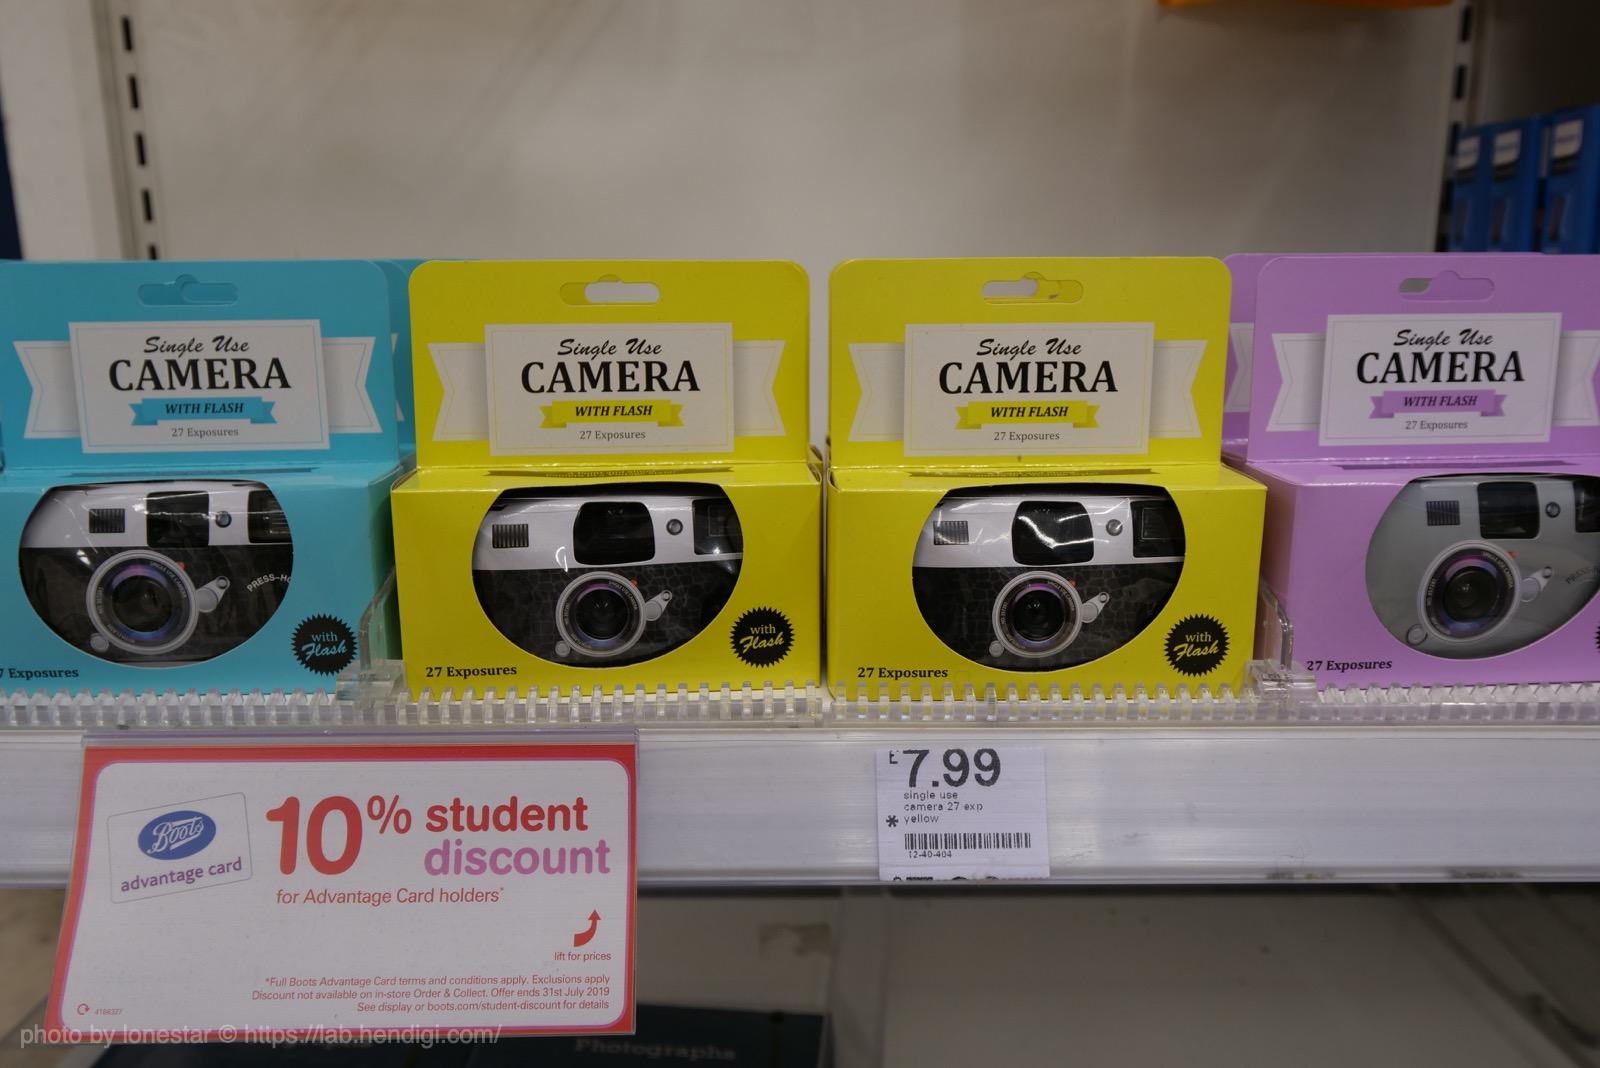 イギリス ブーツ 薬局 カメラ